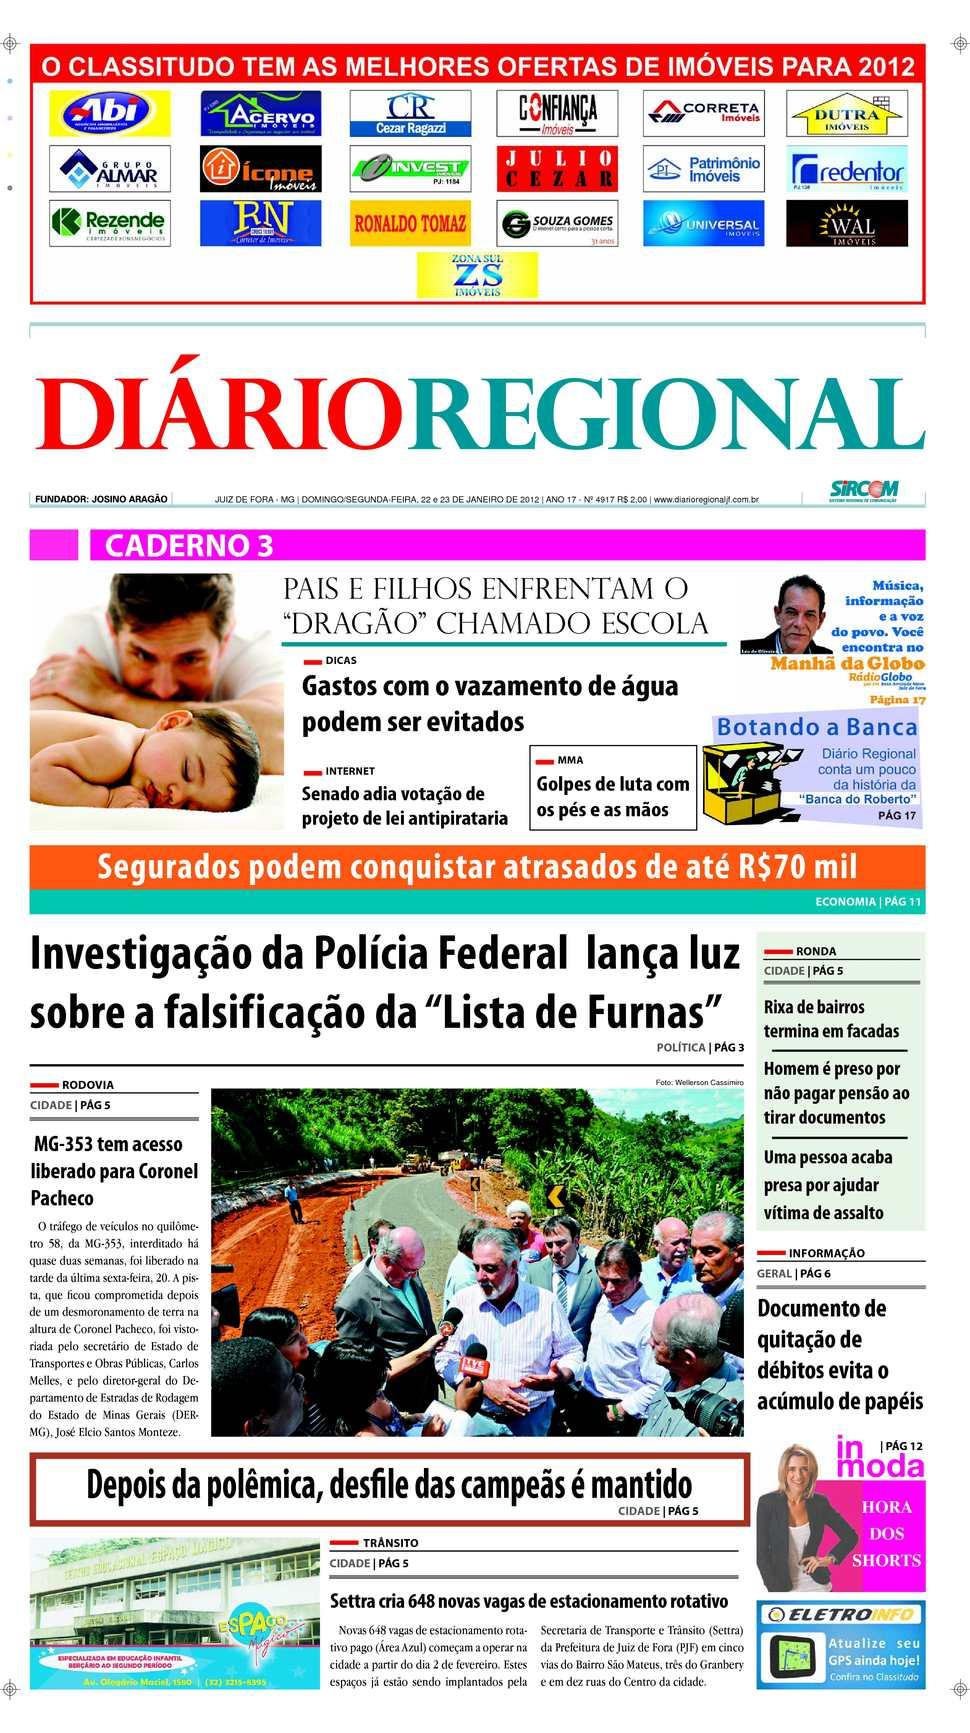 Calaméo - Edição 22 e 23 01 2012 4412cb45be